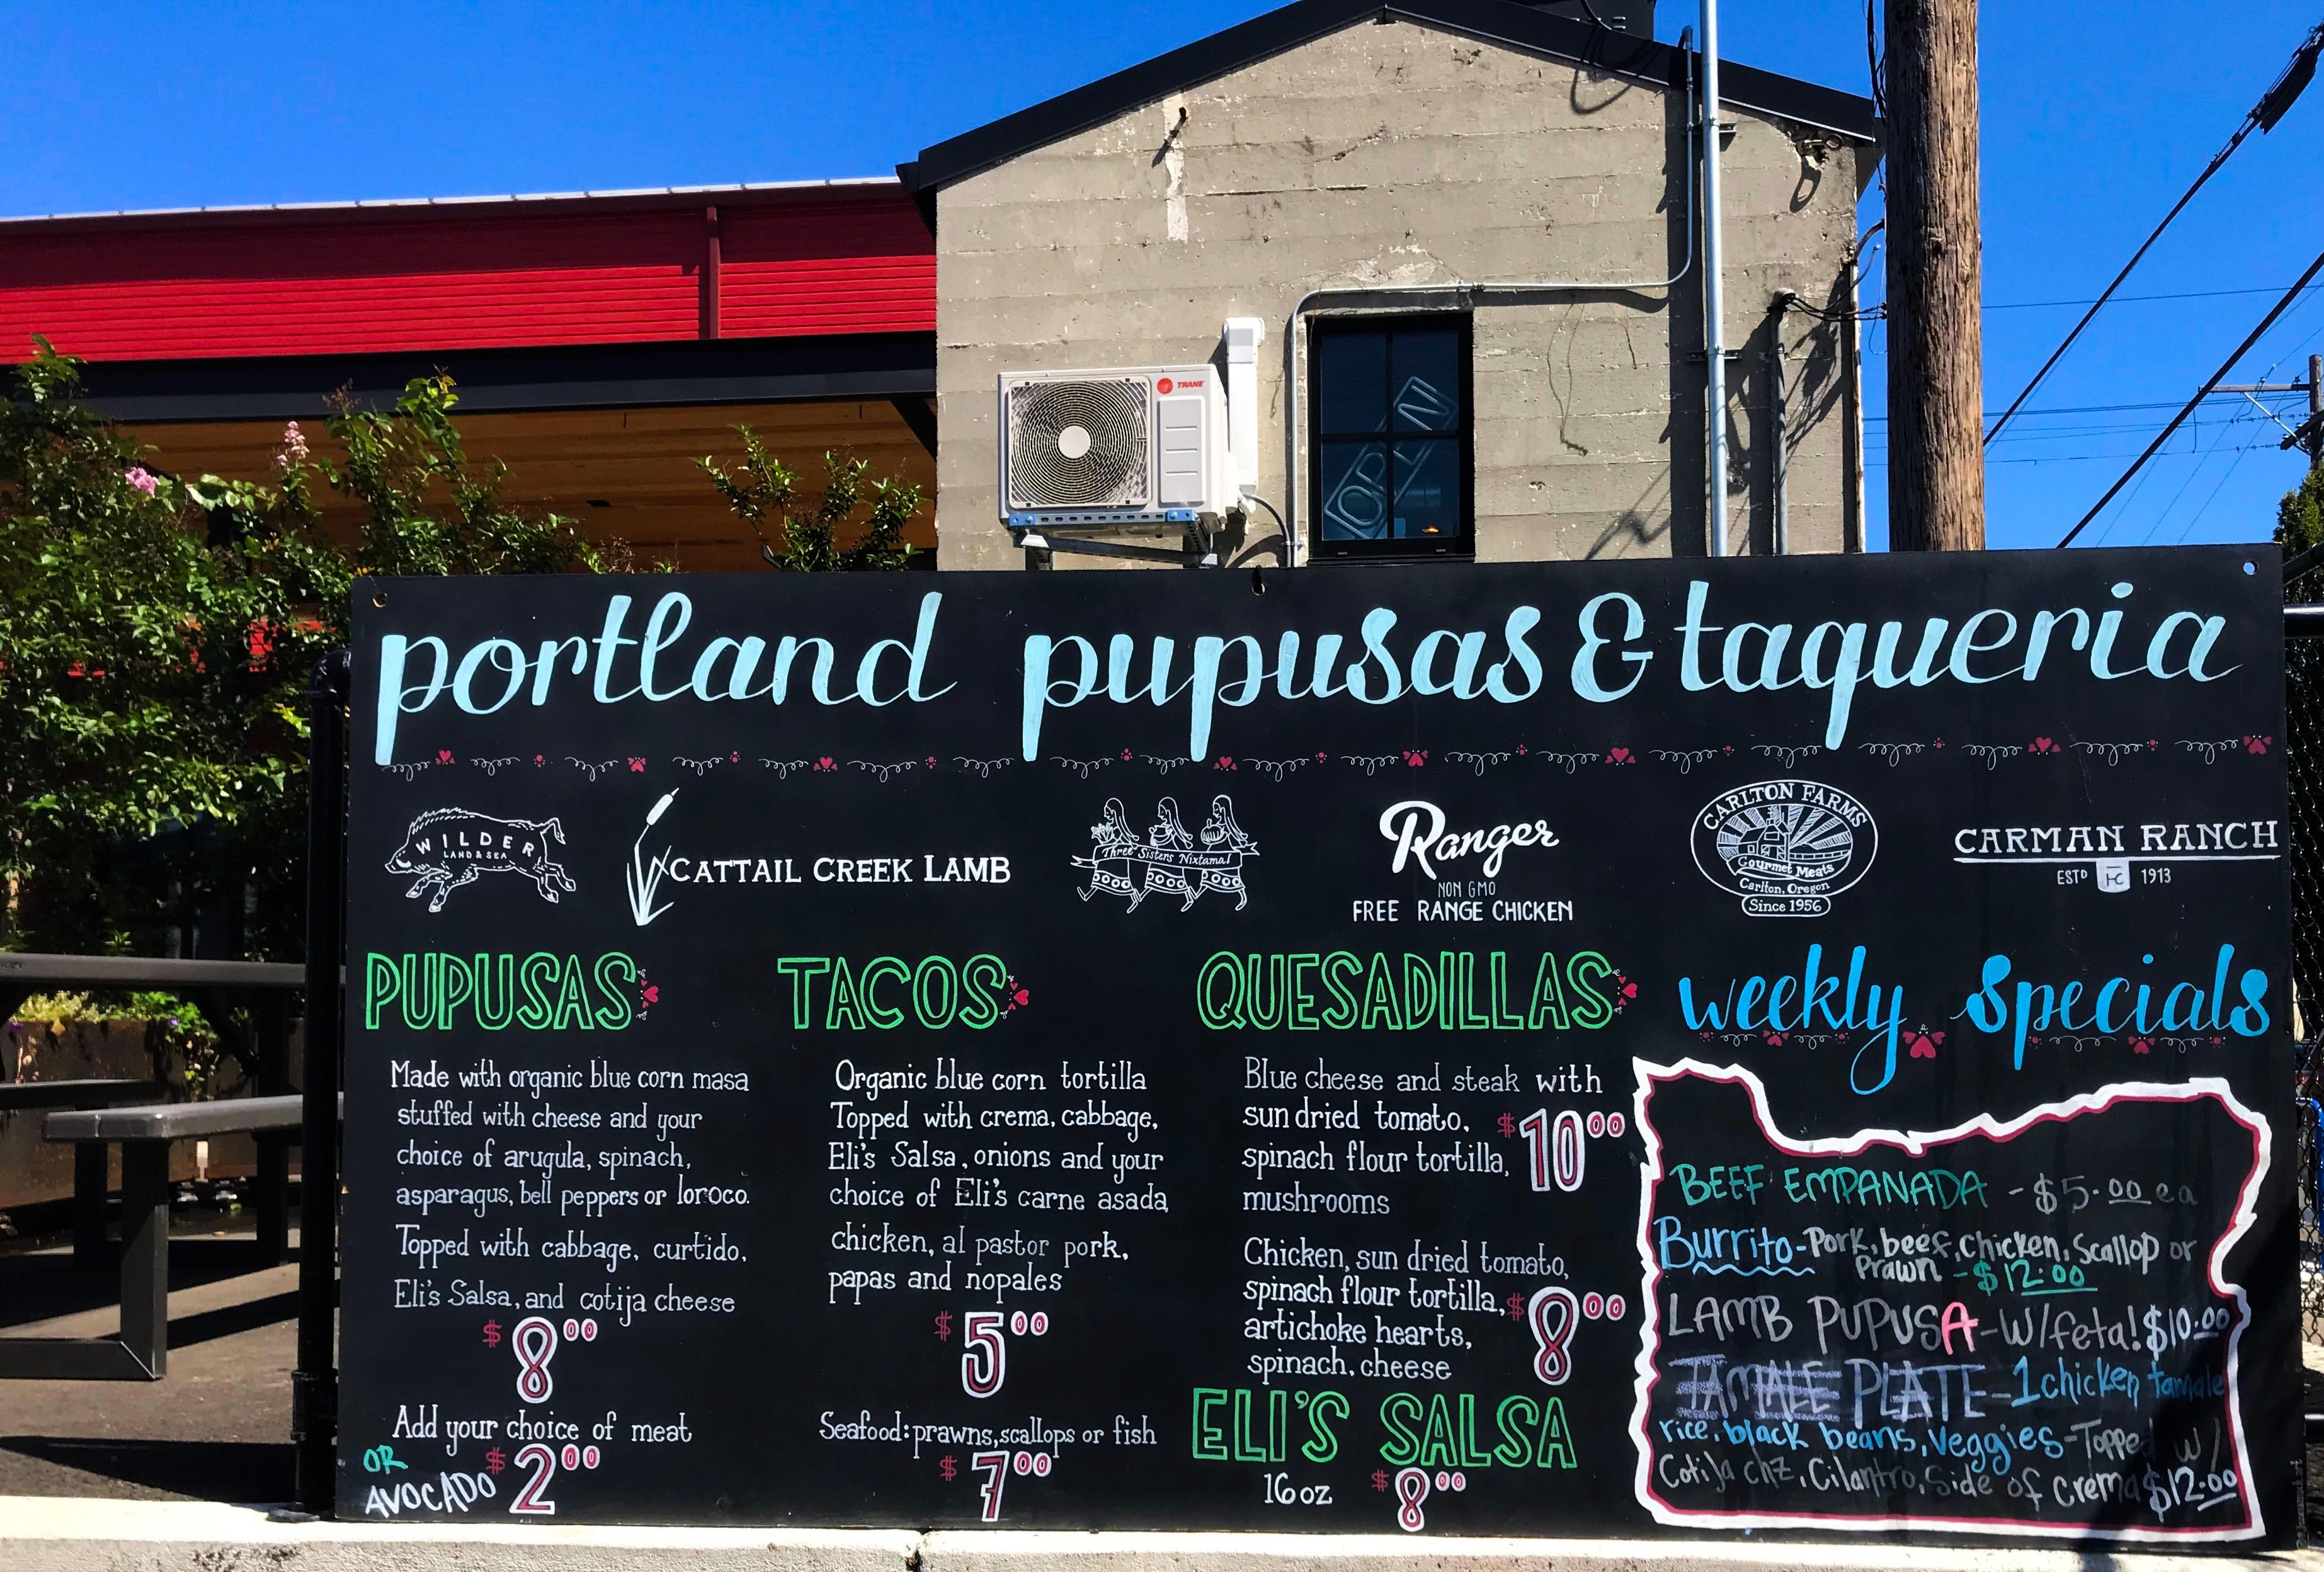 Portland Pupusa menu